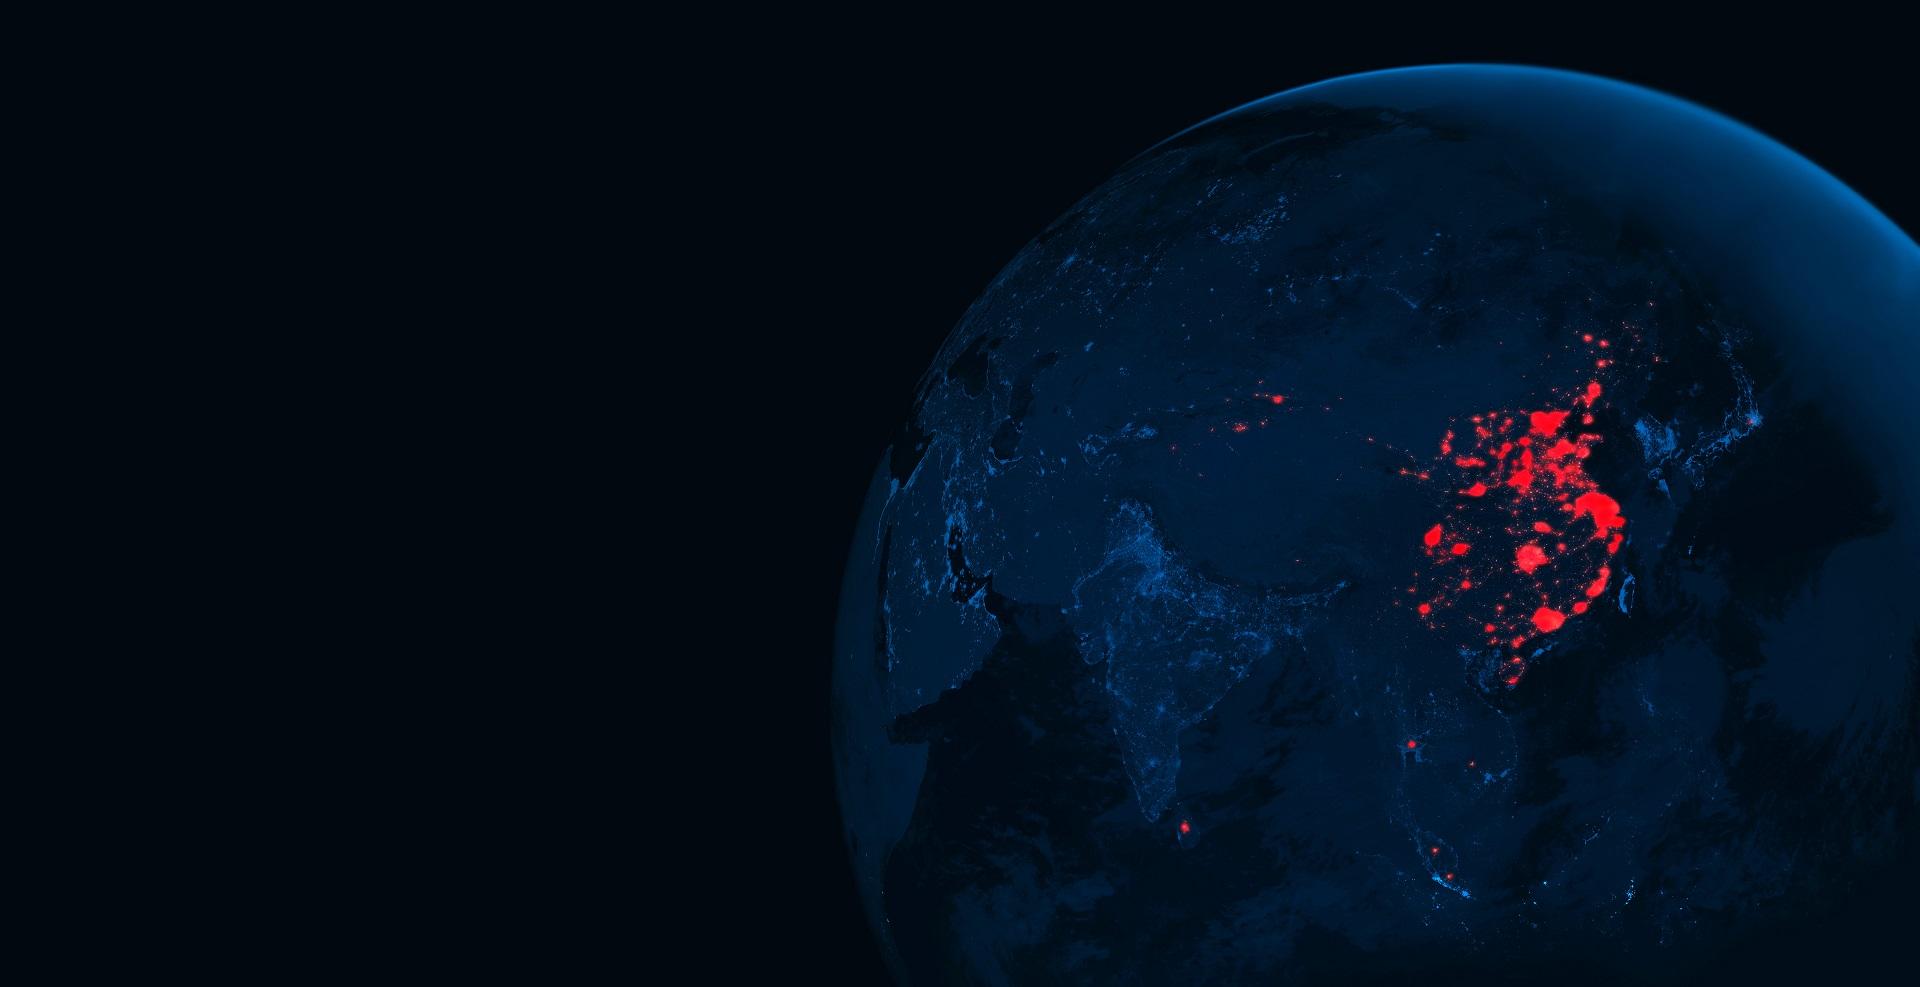 Az IoT a járványok kezelésében is segíthet